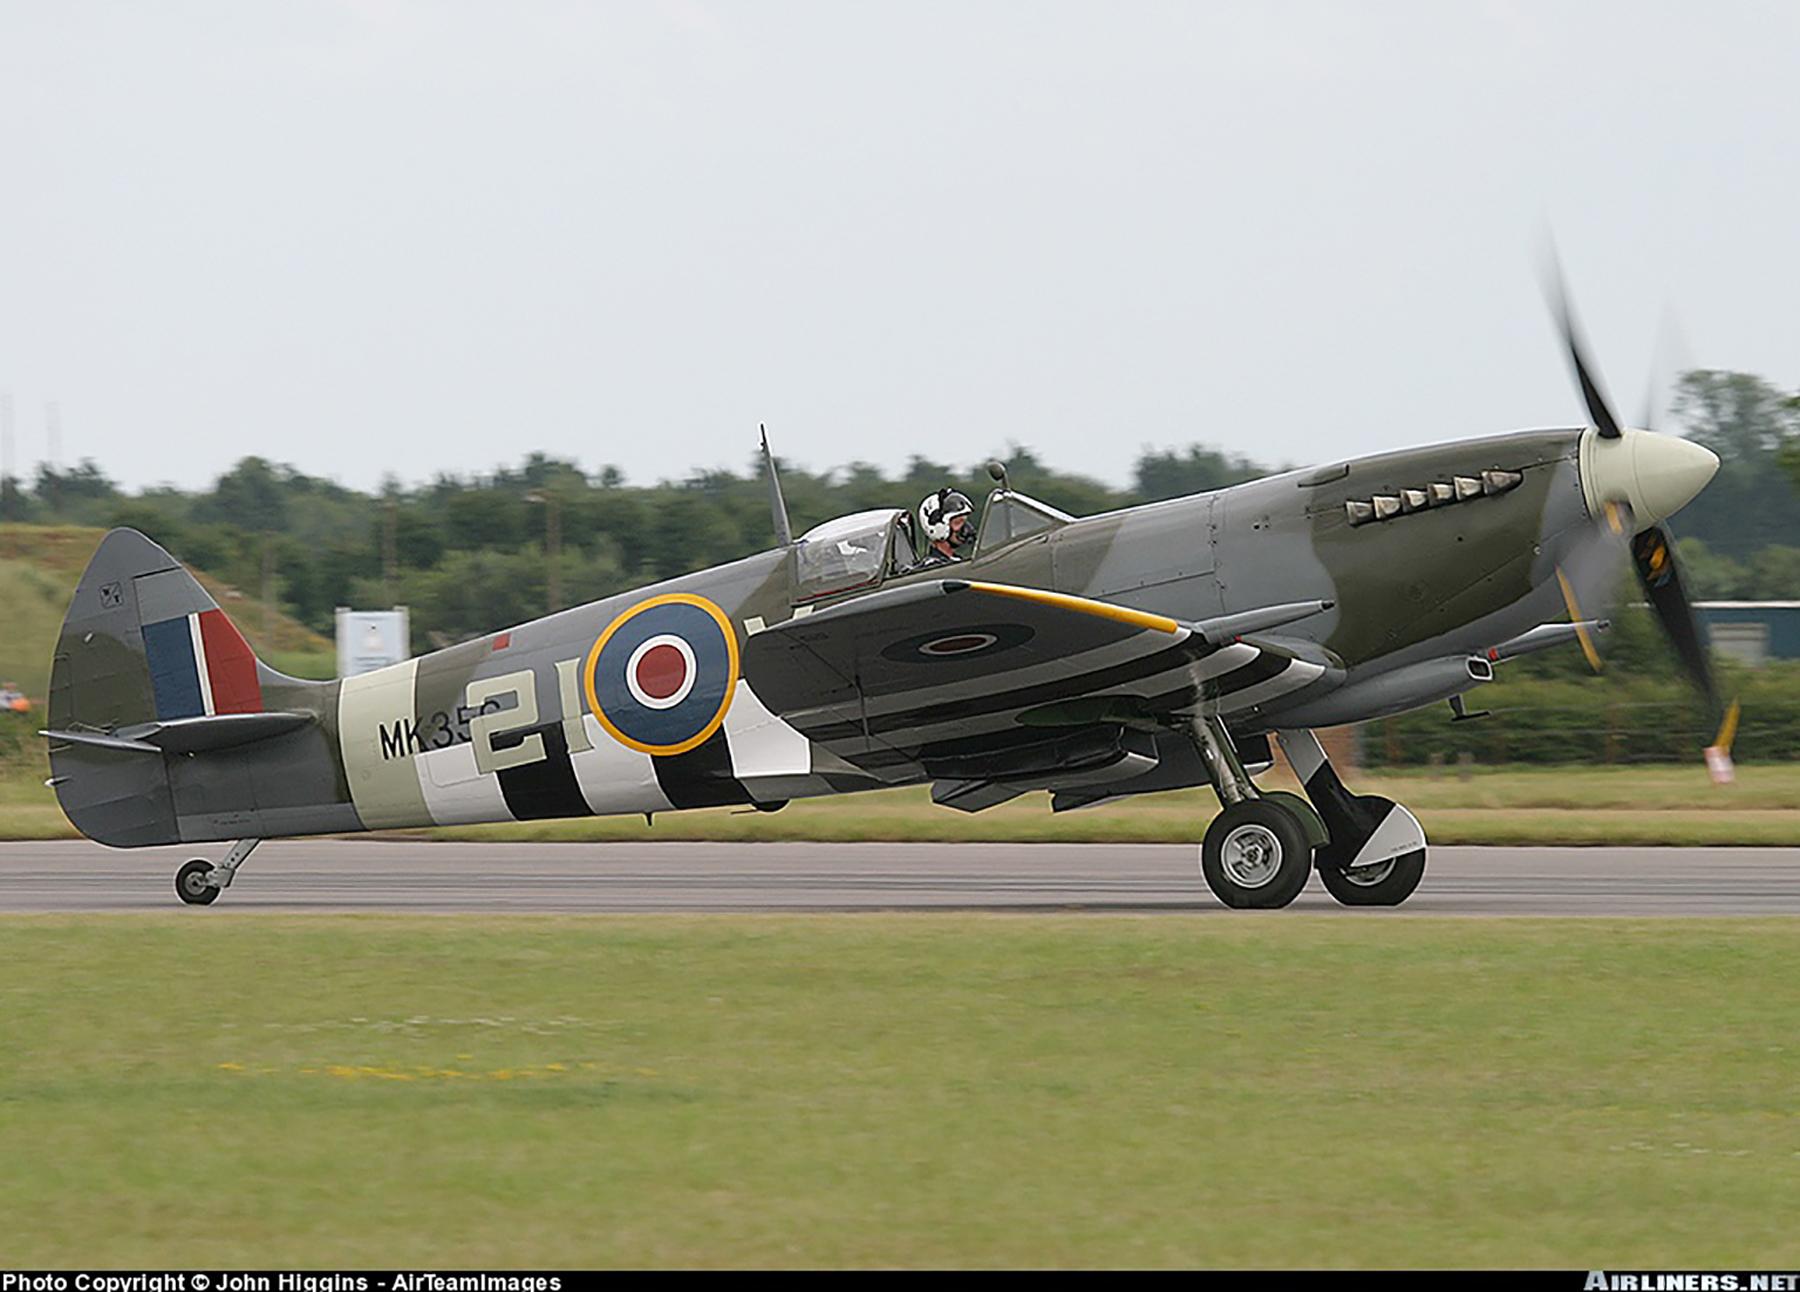 Airworthy Spitfire warbird MkIXe RCAF 443Sqn 2IV MK356 04